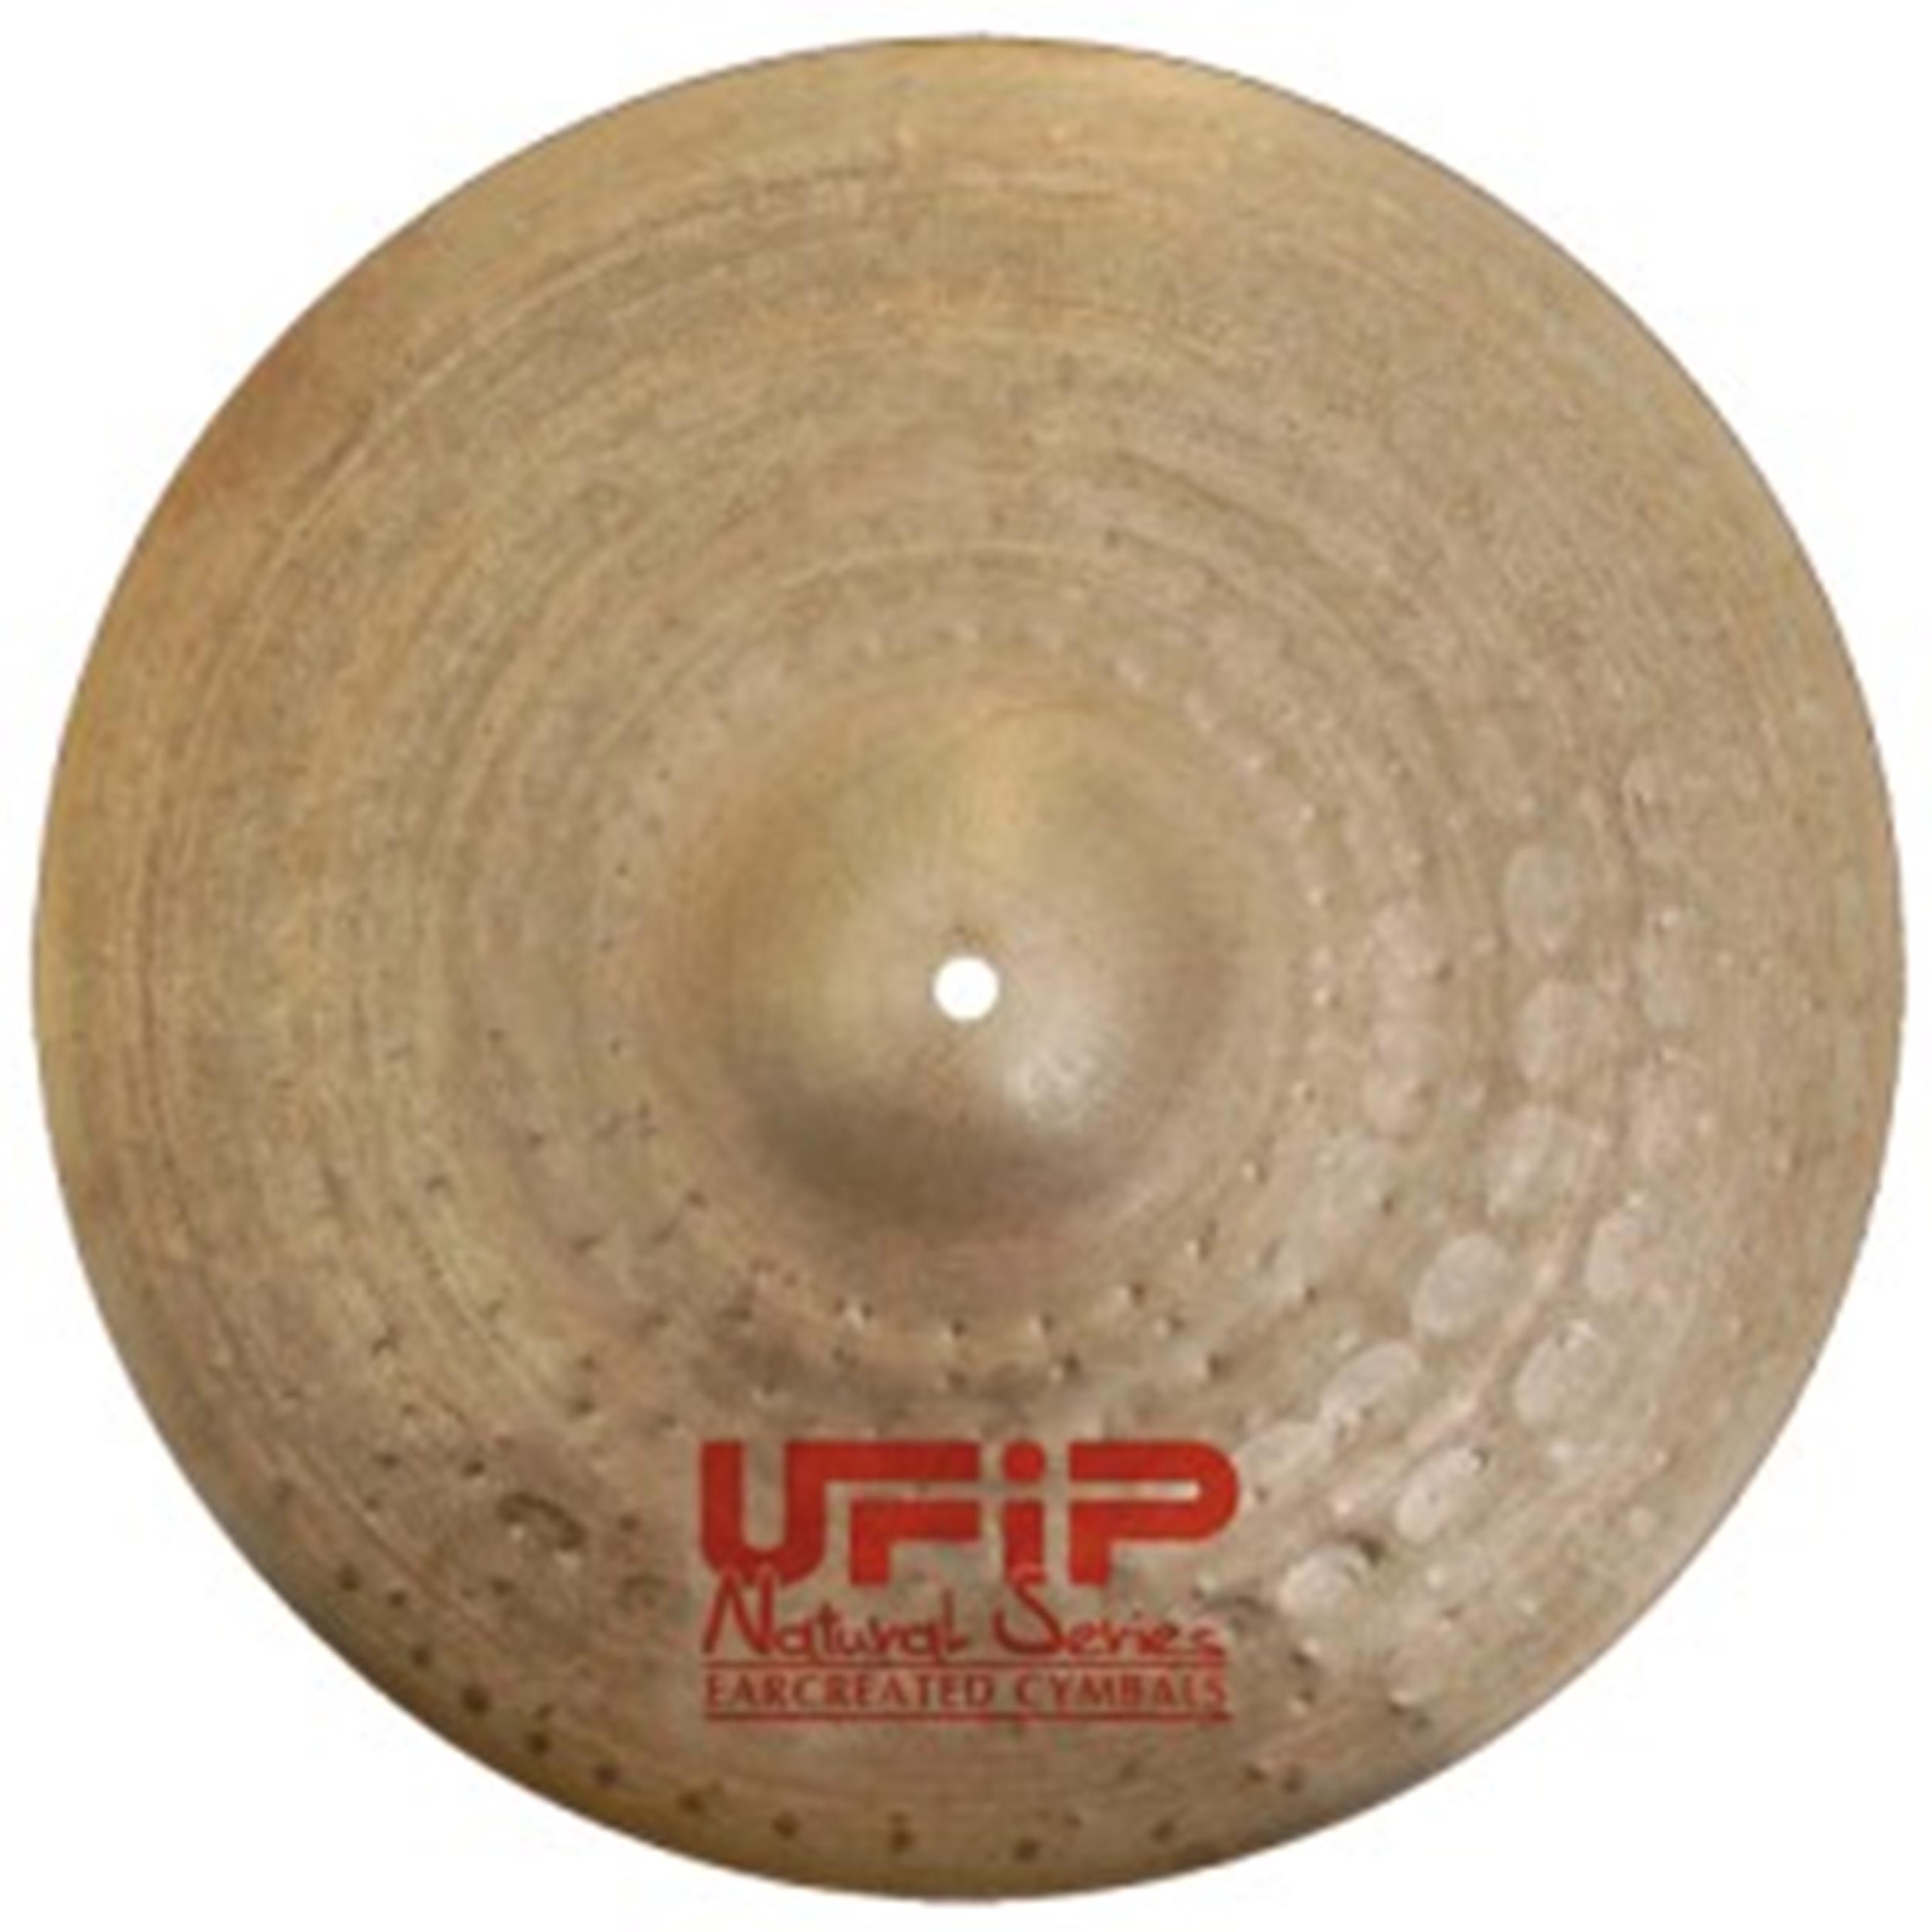 UFIP-NATURAL-RIDE-20-MEDIUM-sku-9381